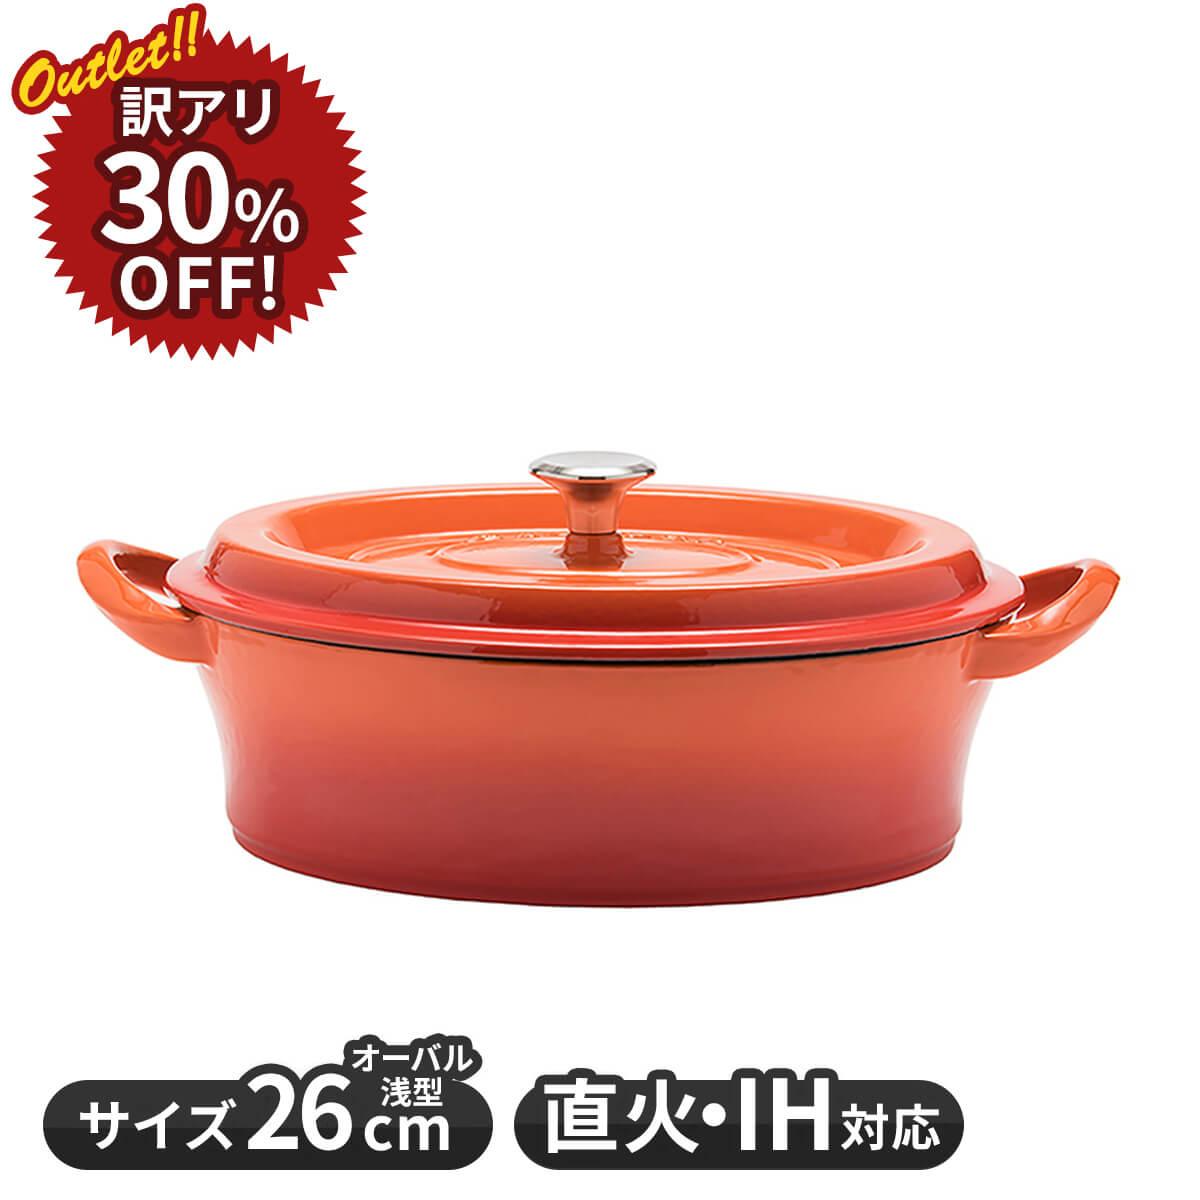 【アウトレットセール30%オフ/訳あり】グッドプラス キャストポット オーバル26�オレンジ(鉄鋳物ホーロー鍋)